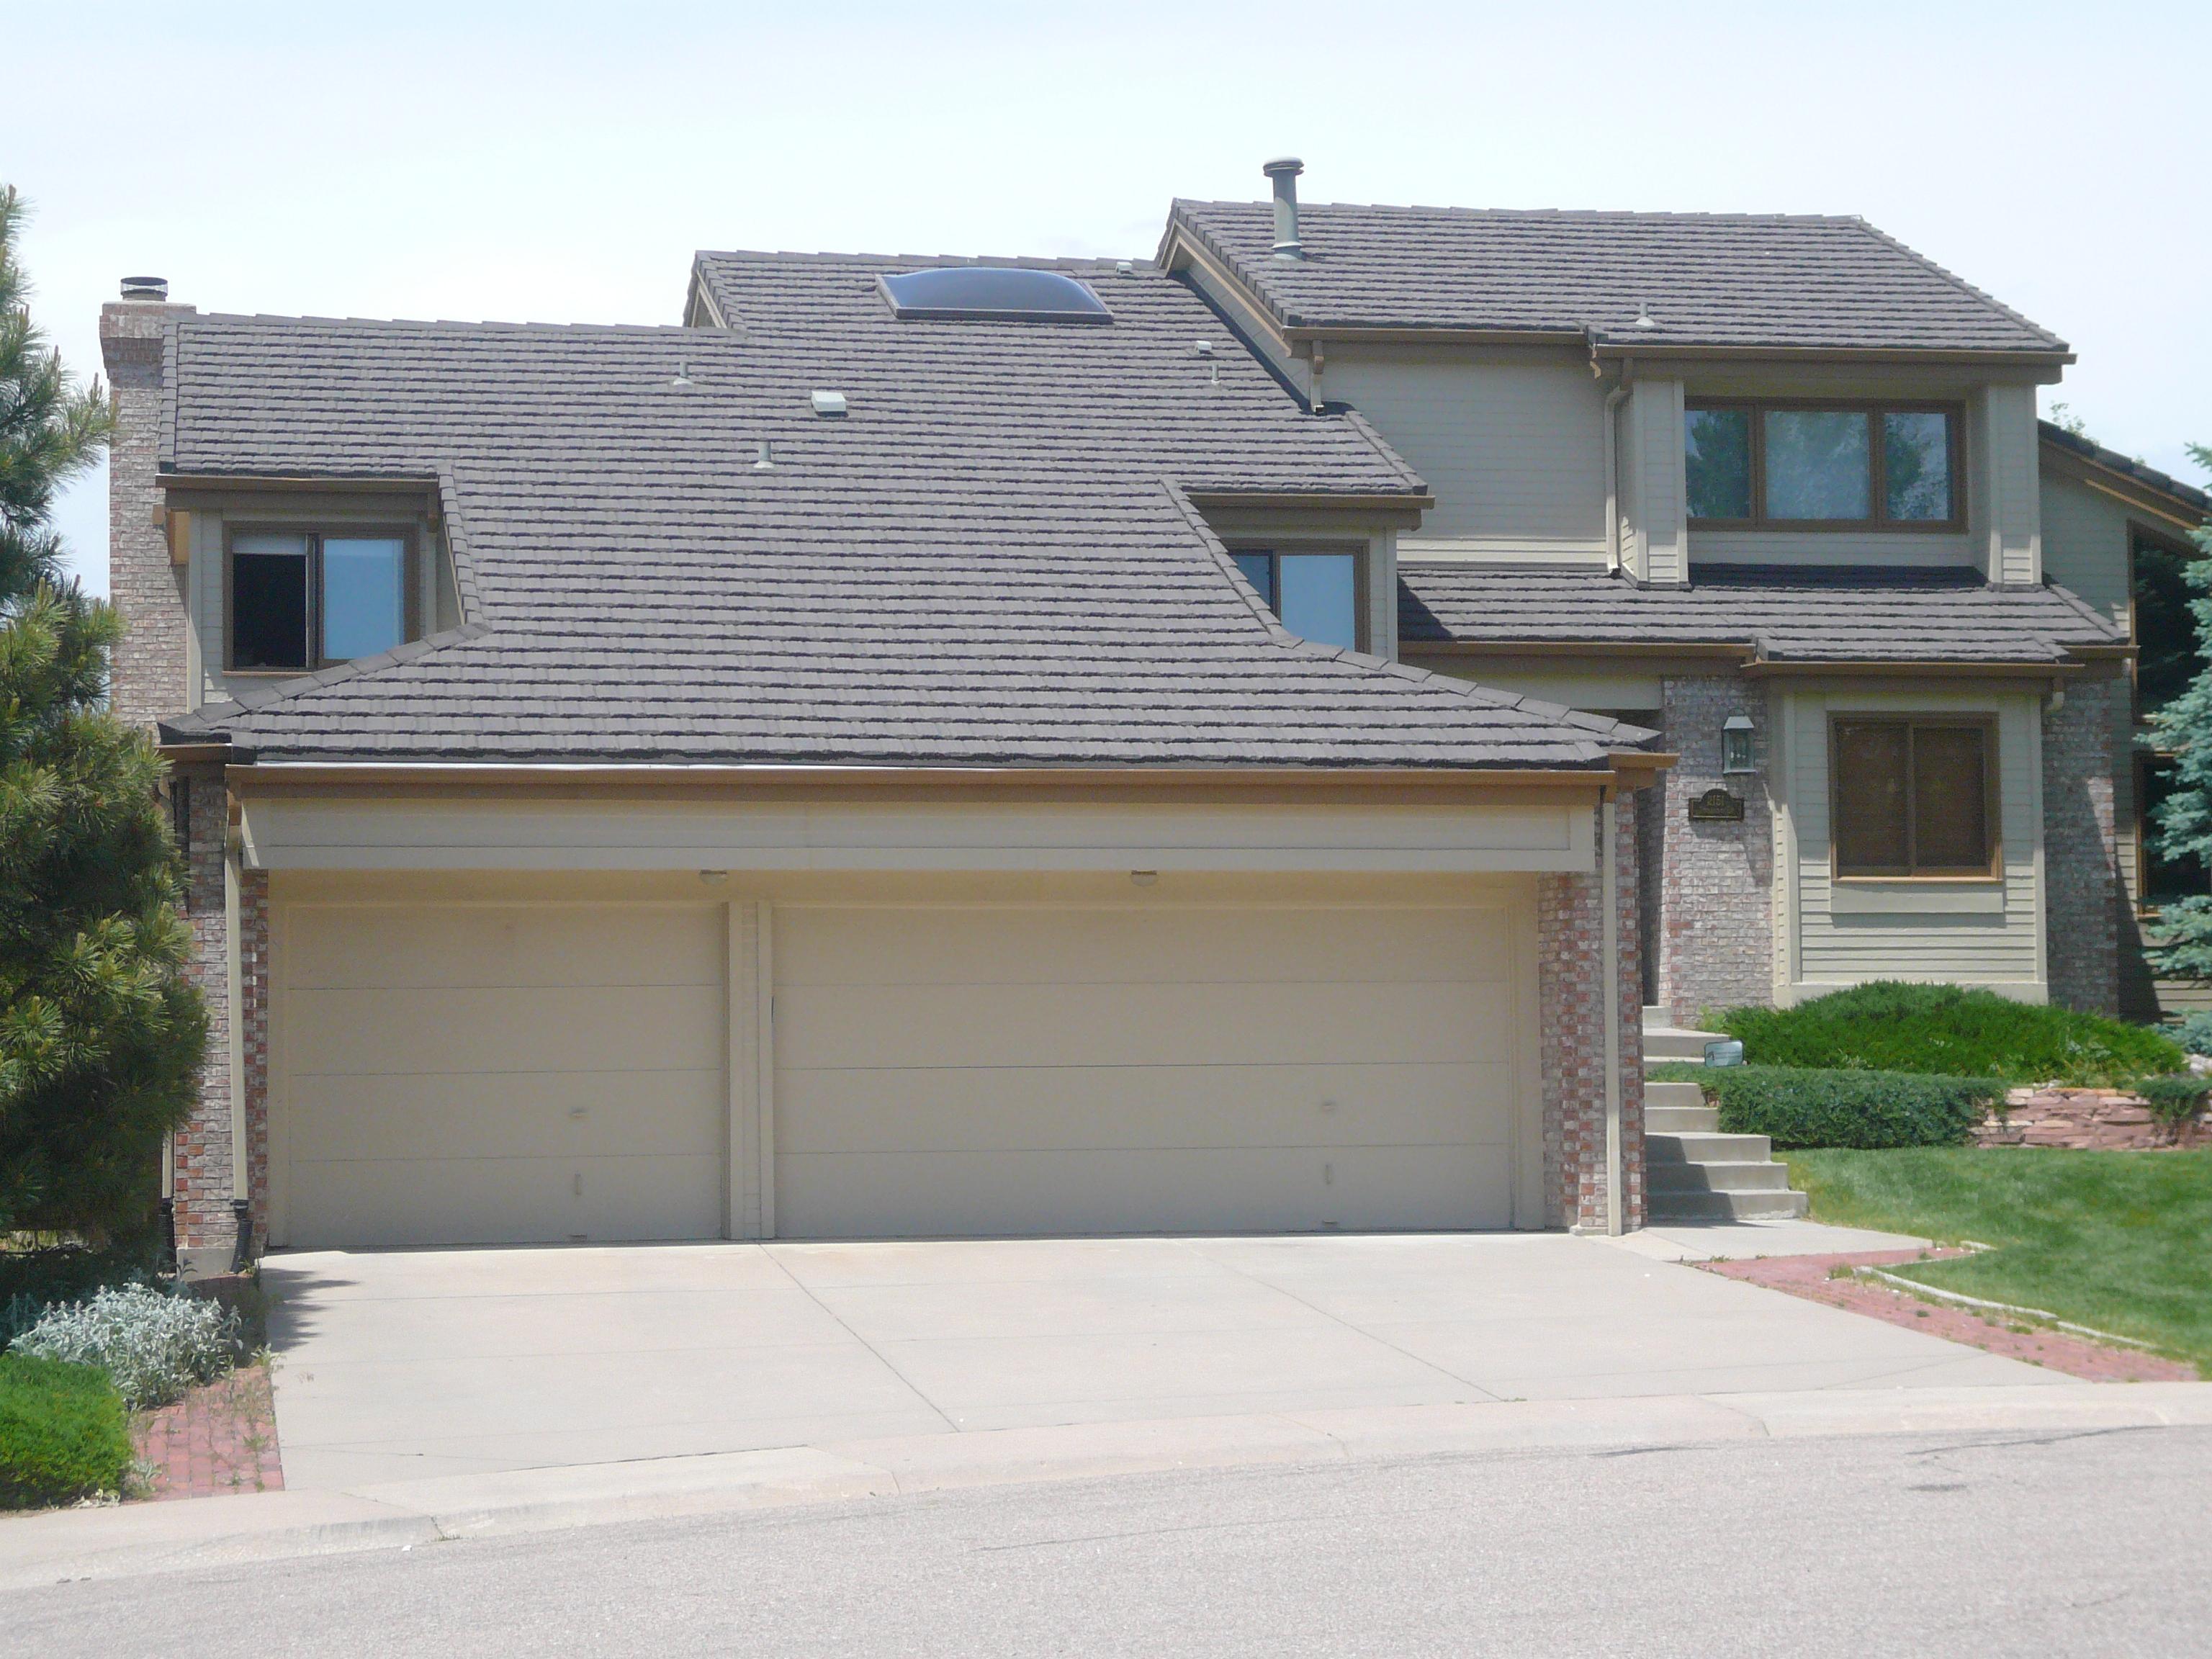 Billings Metal Roofing Billings (406)860-1502